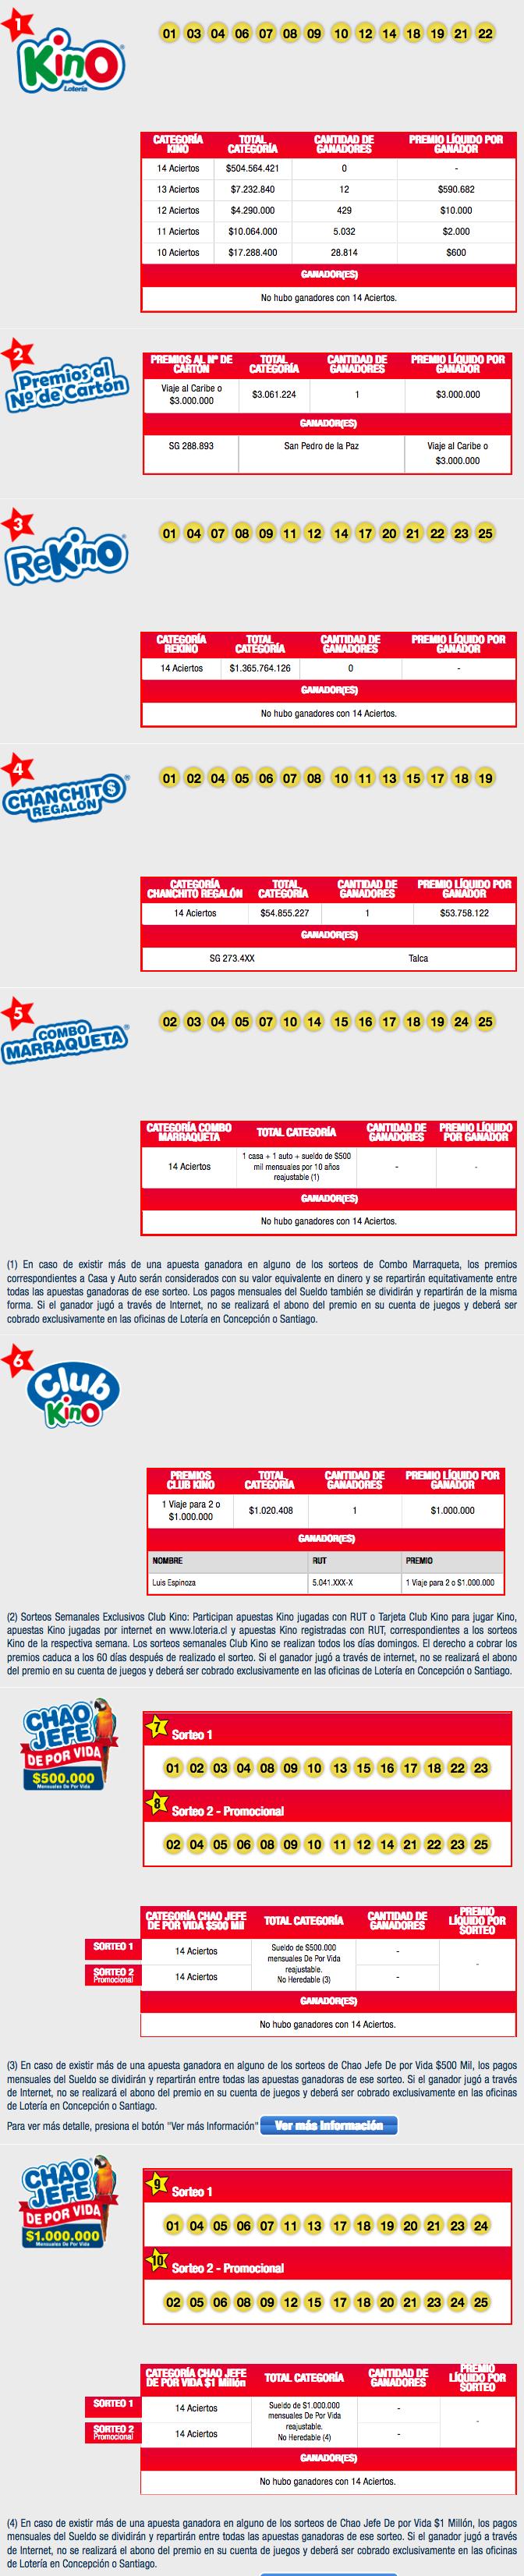 resultados-completos-kino-loteria-cl1